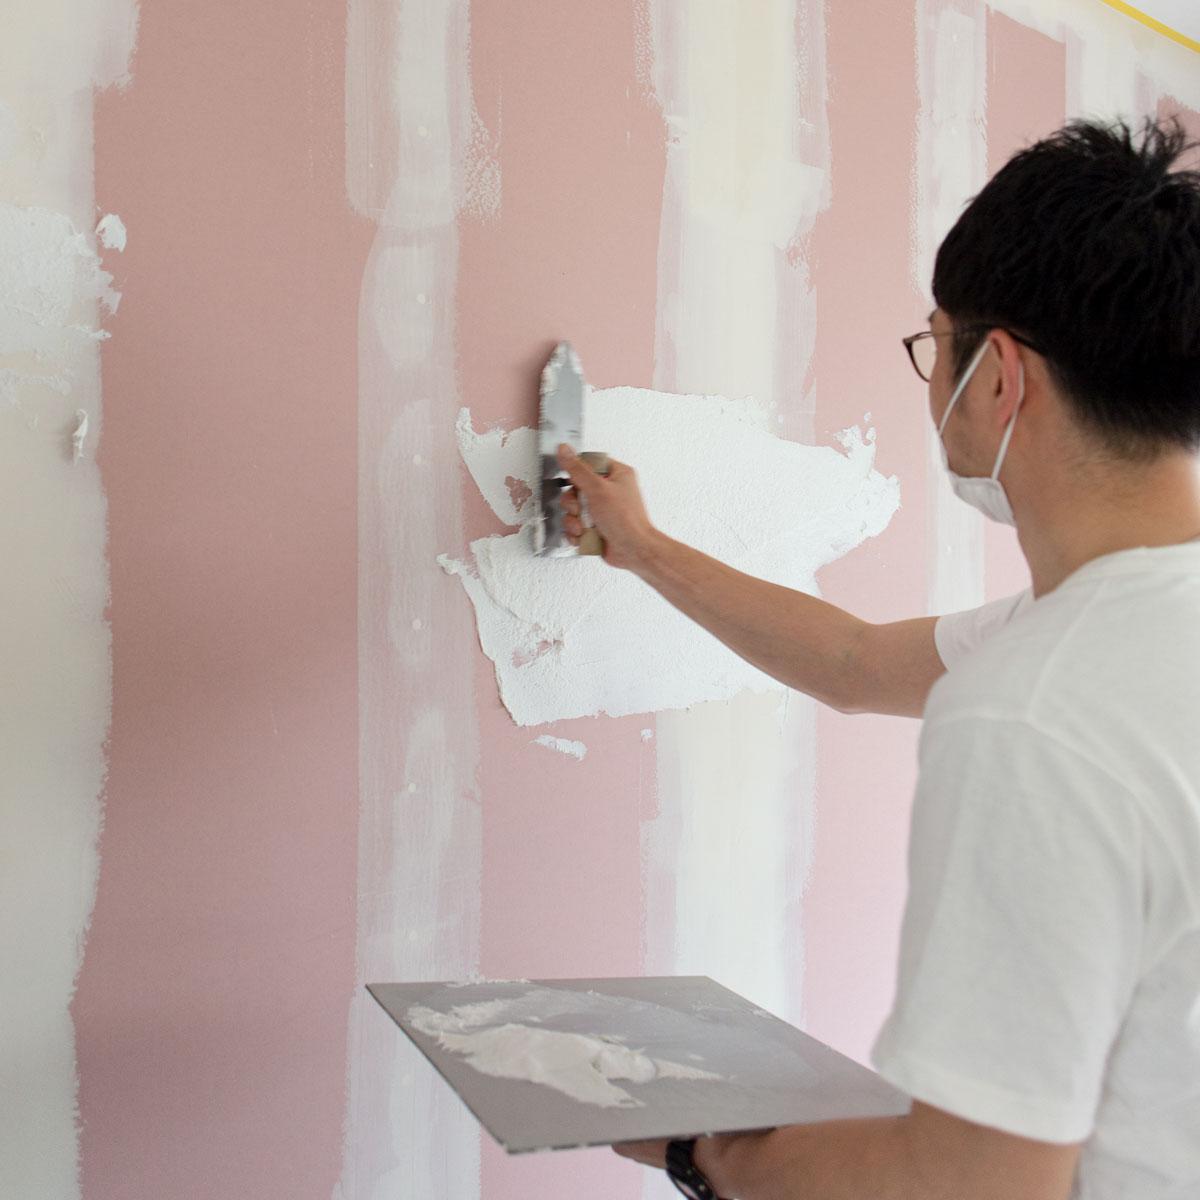 真っ白な塗り壁に仕上げ